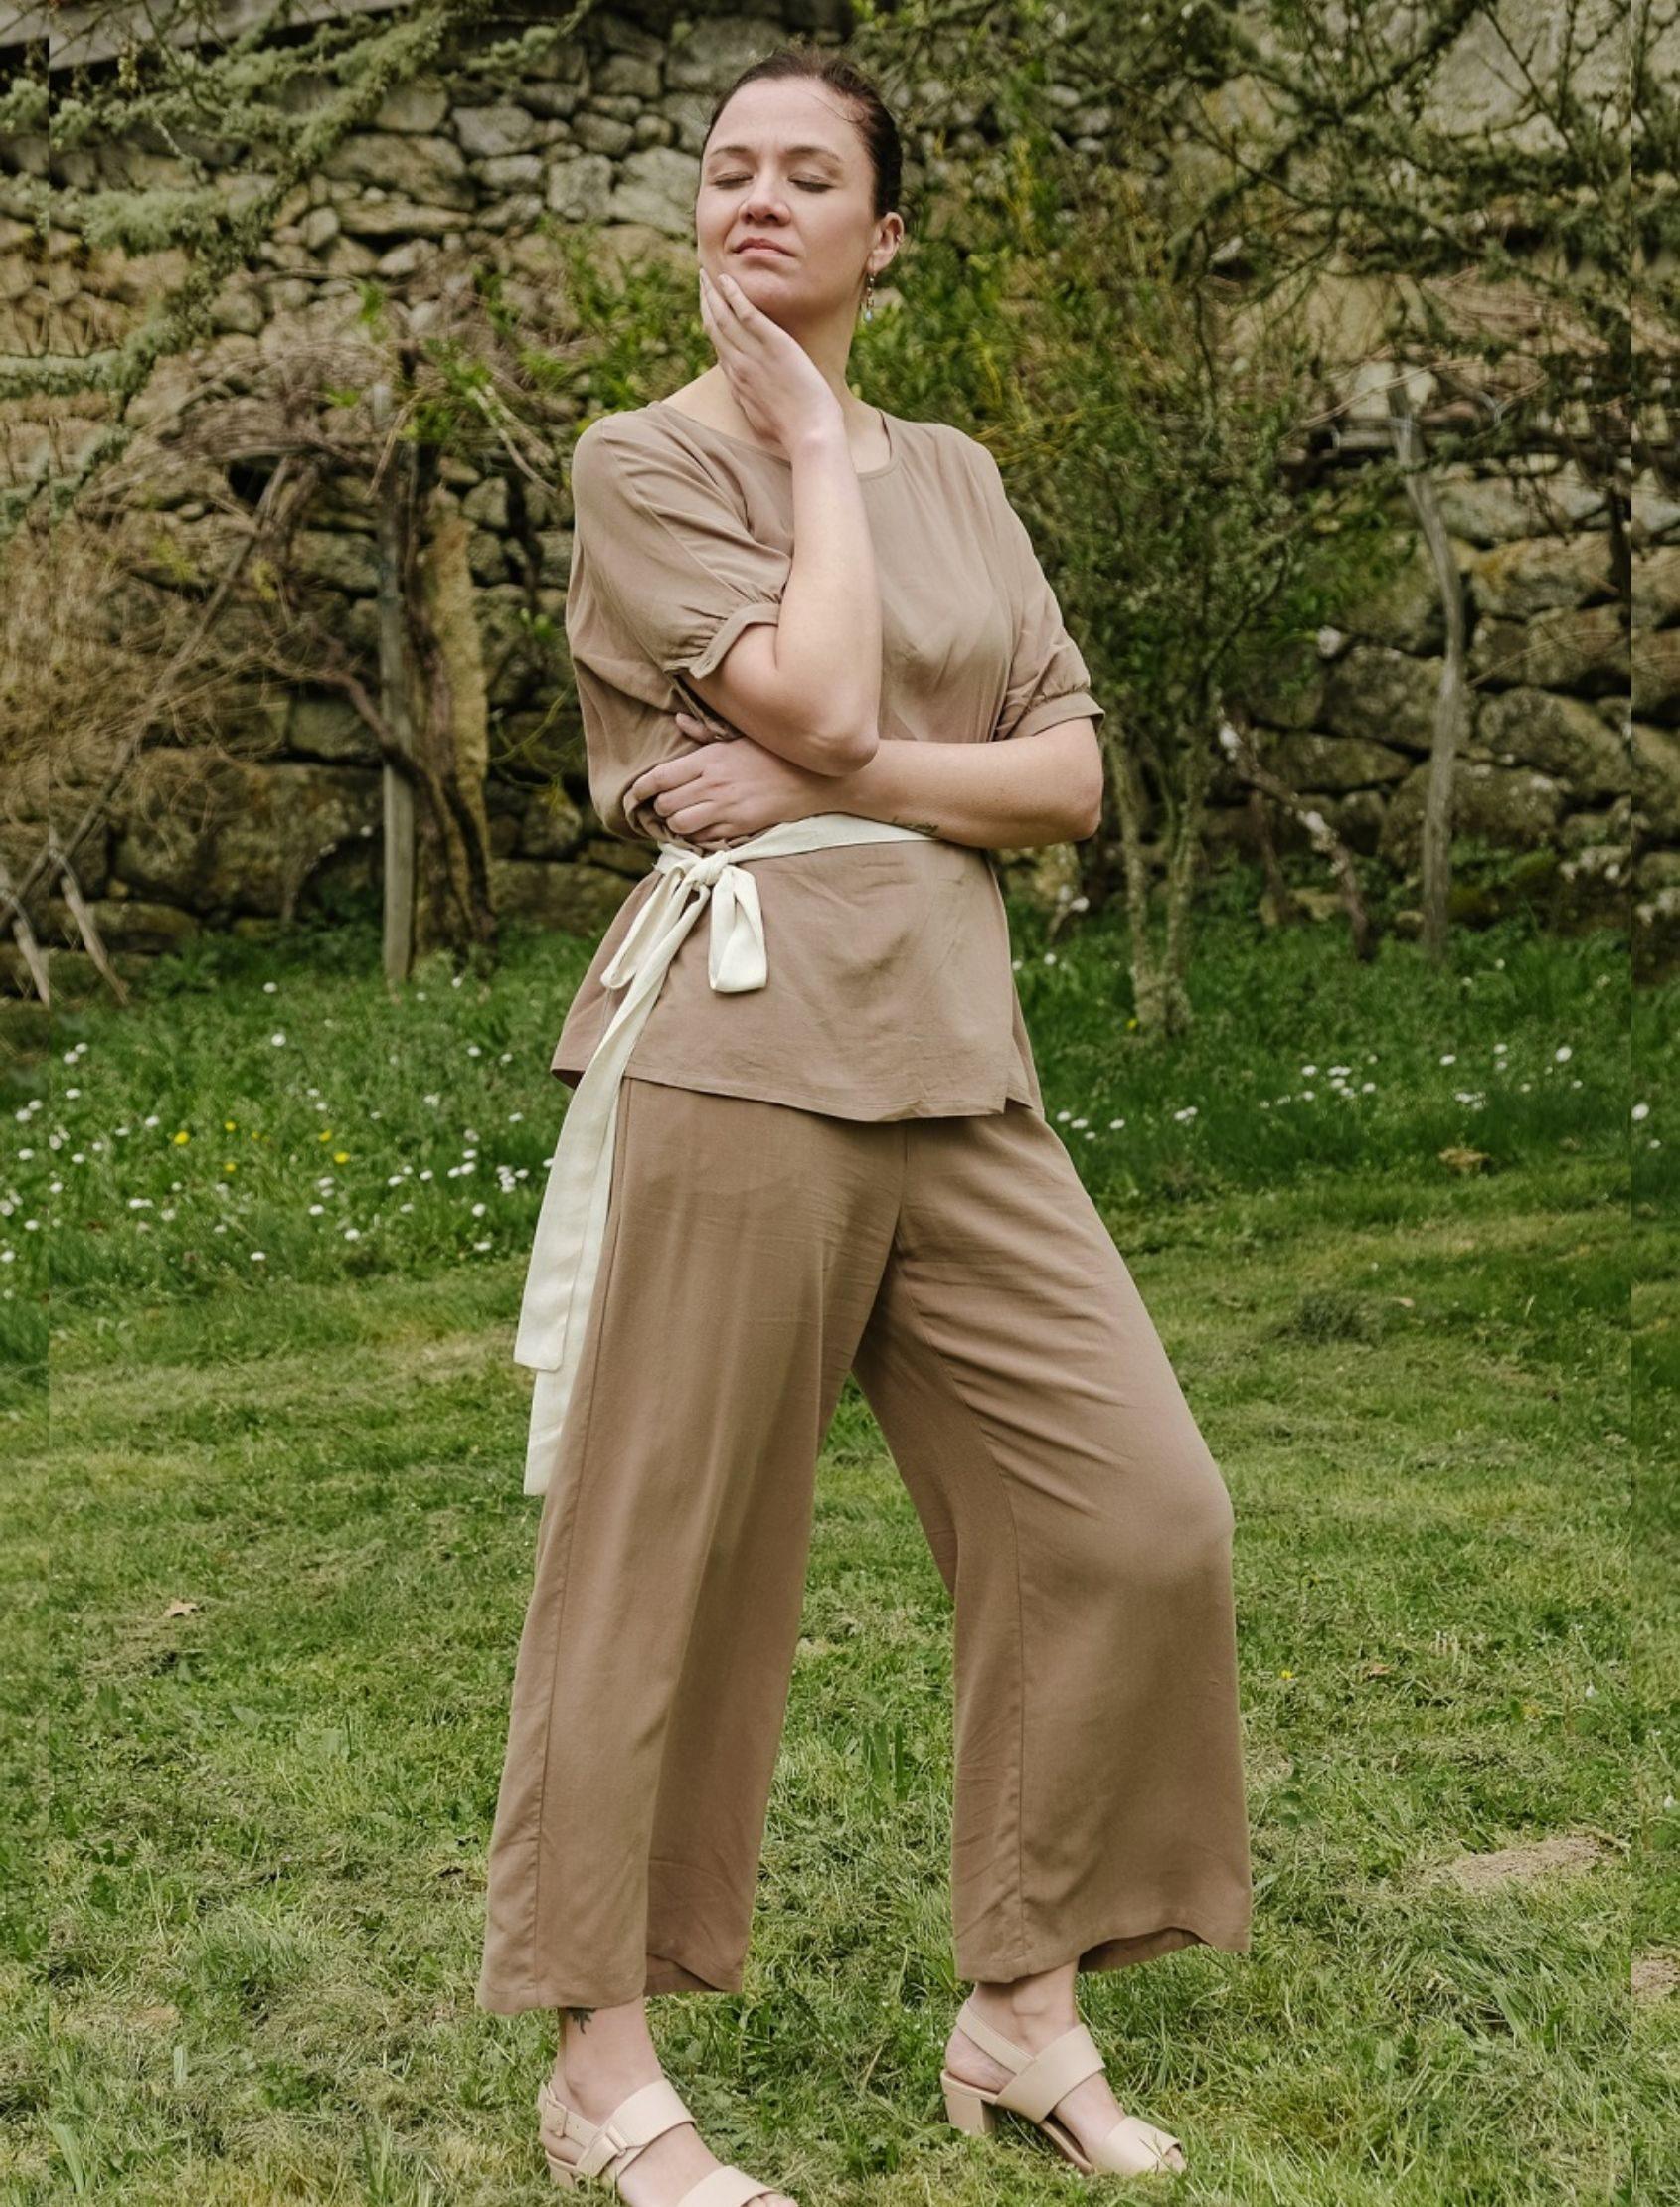 modelo con pantalón fluido lino en tono camel largo tobillero de skatïe